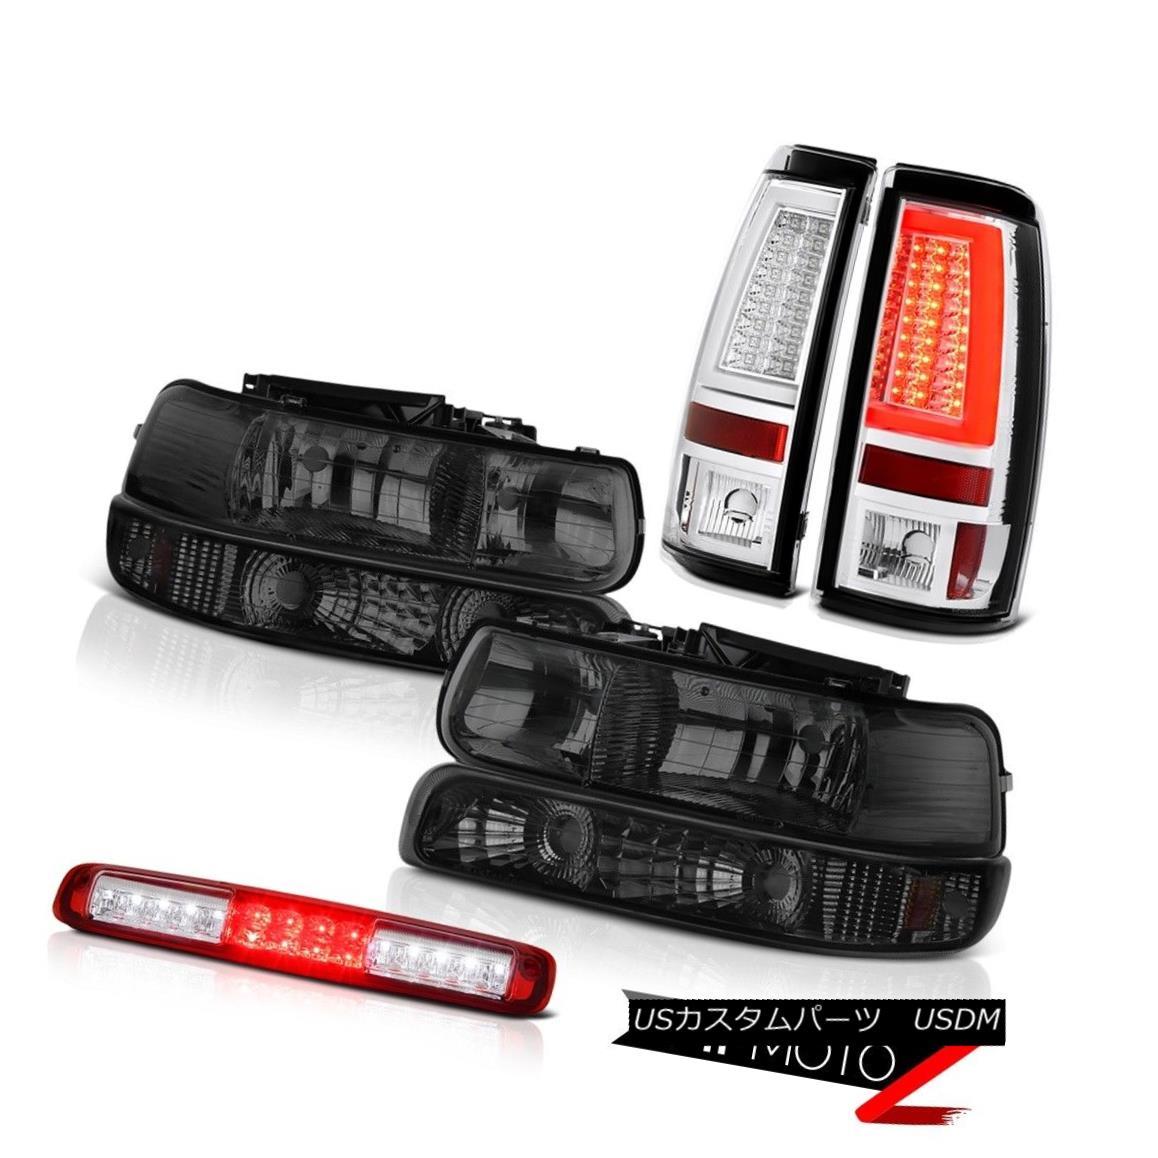 ヘッドライト 99-02 Silverado 5.3L Taillights Red 3rd Brake Light Headlamps Frosty Neon Tube 99-02 Silverado 5.3Lテールライトレッド第3ブレーキライトヘッドランプフロスティネオンチューブ